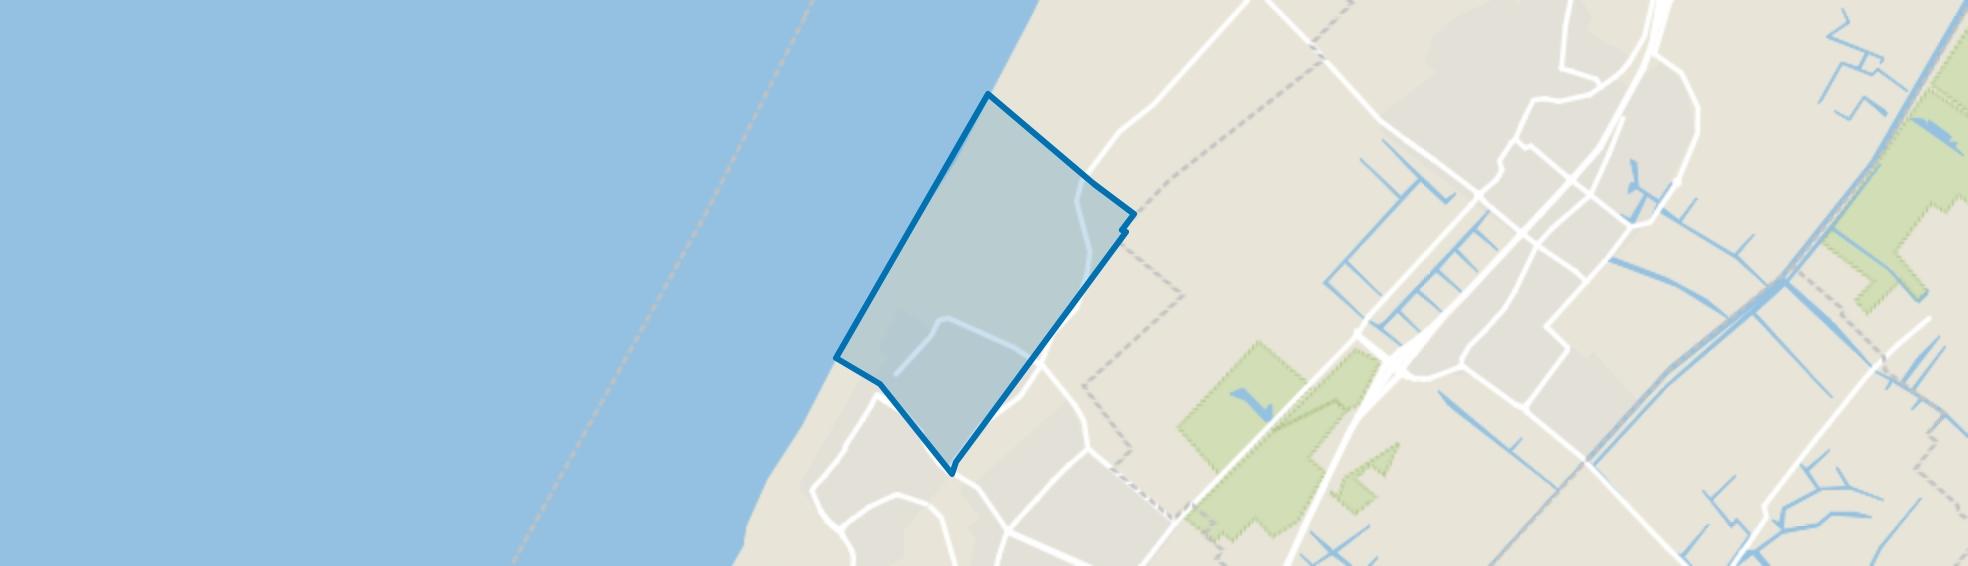 De Noord, Noordwijk (ZH) map